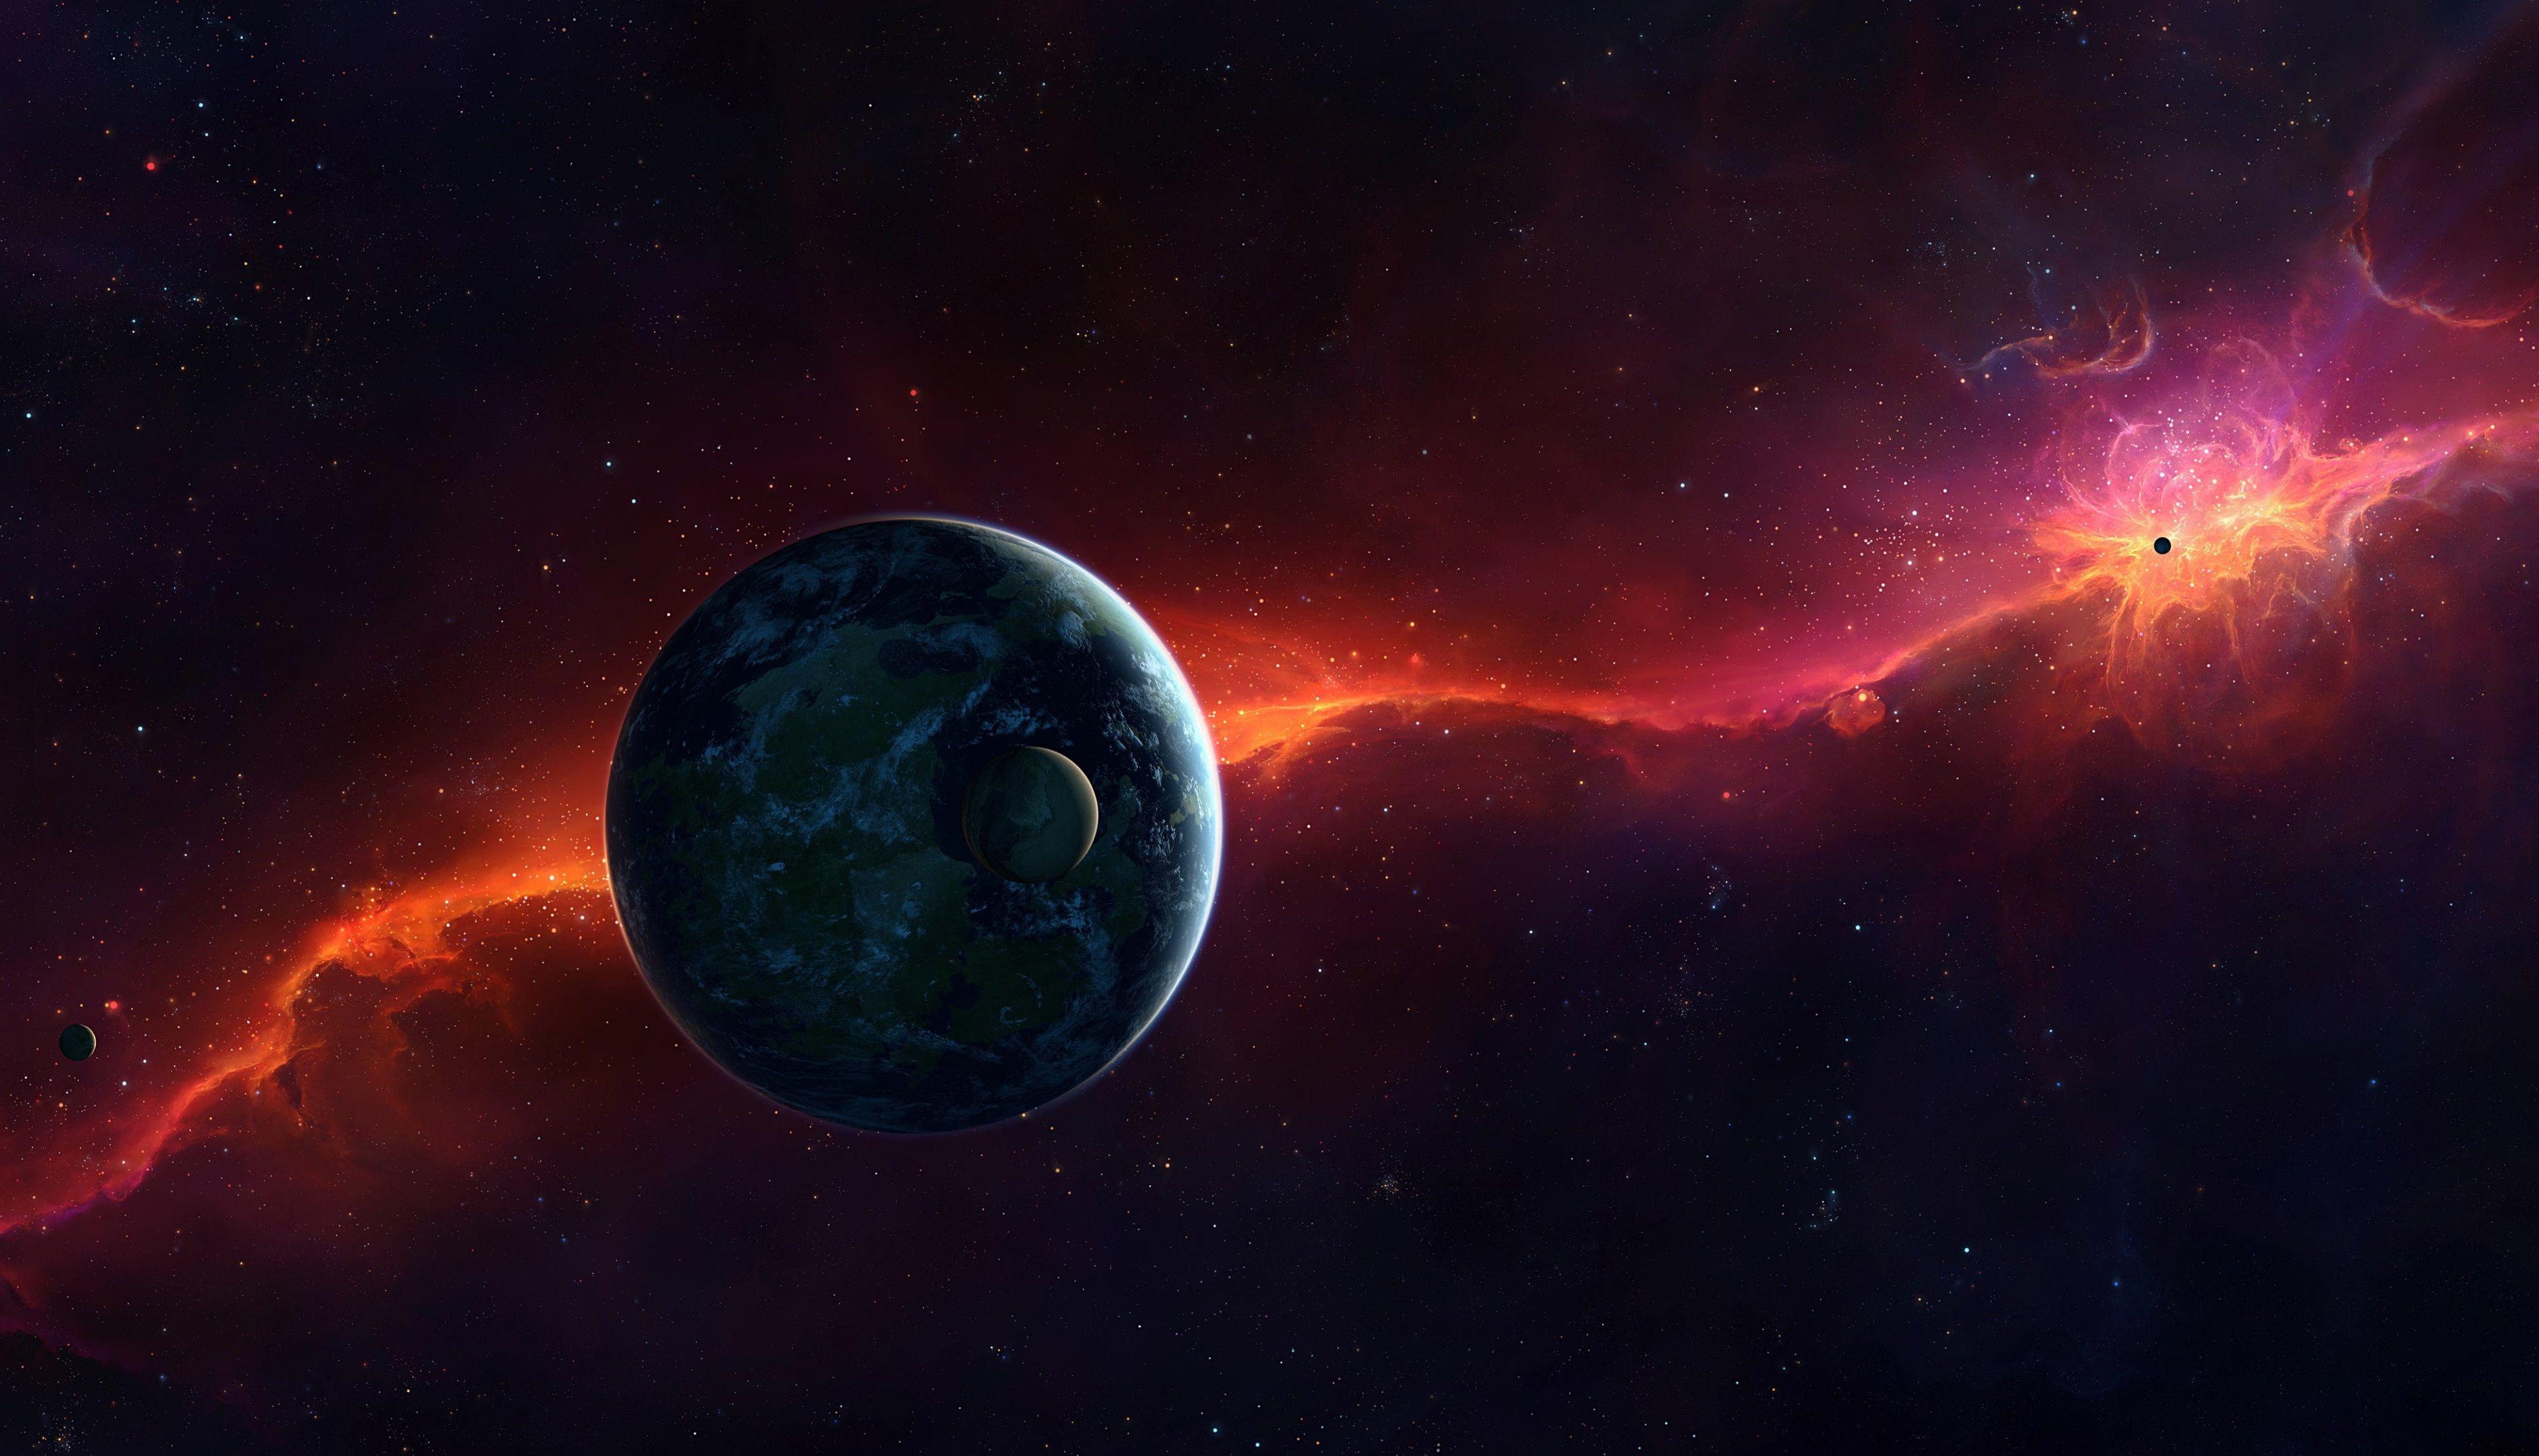 3840x2202 Planets 4k Wallpaper Image Hd In 2020 Sci Fi Wallpaper Wallpaper Images Hd Nebula Wallpaper